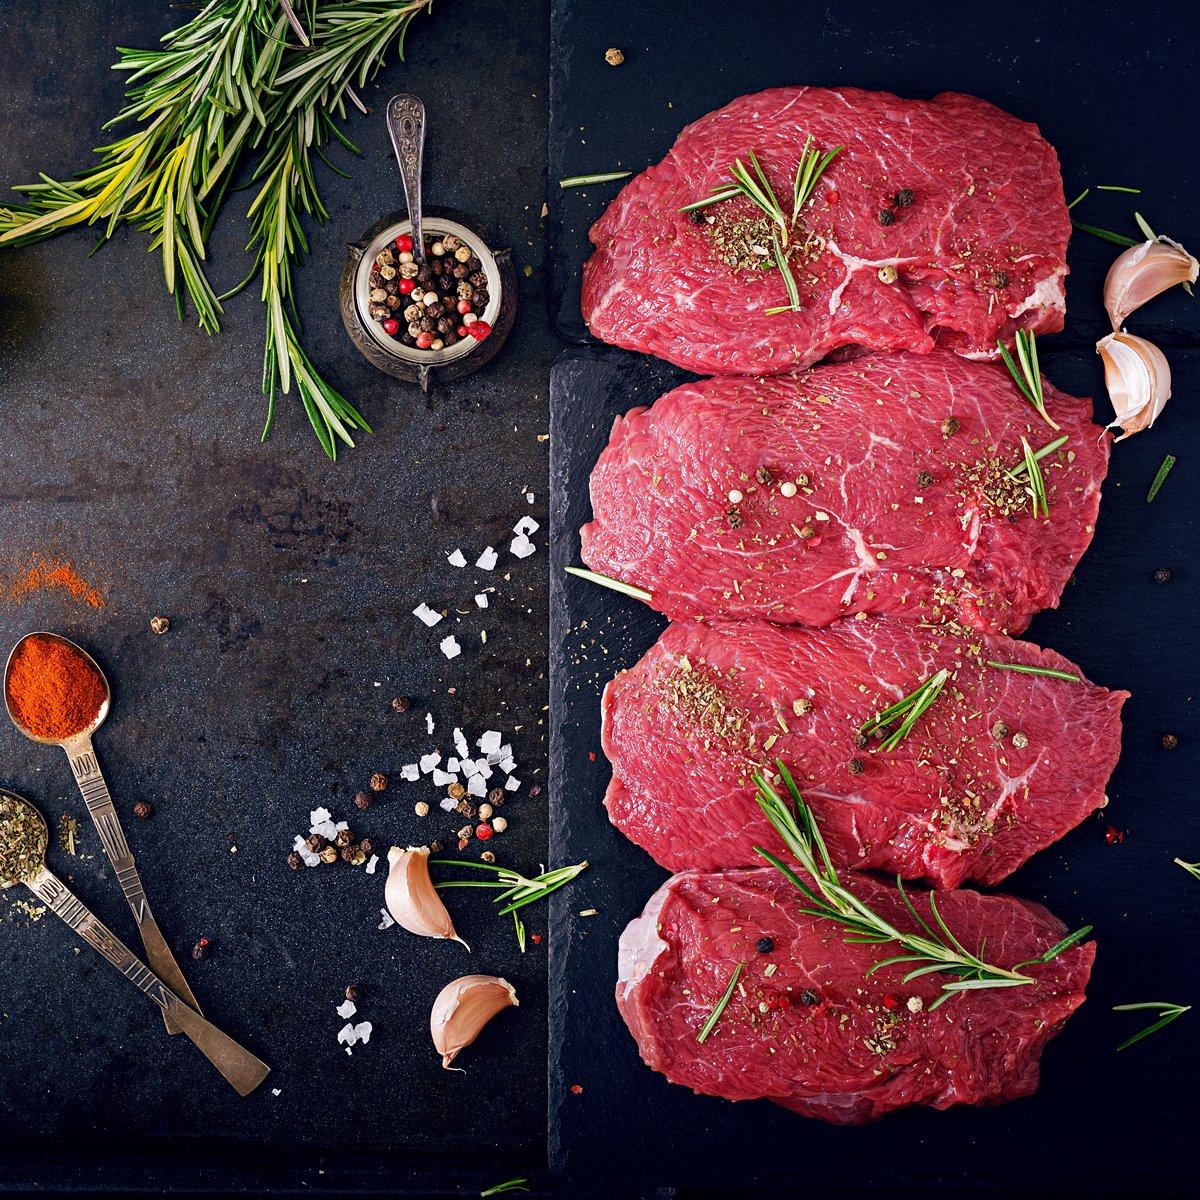 Lot of Sayaguesa beef and Iberian pork